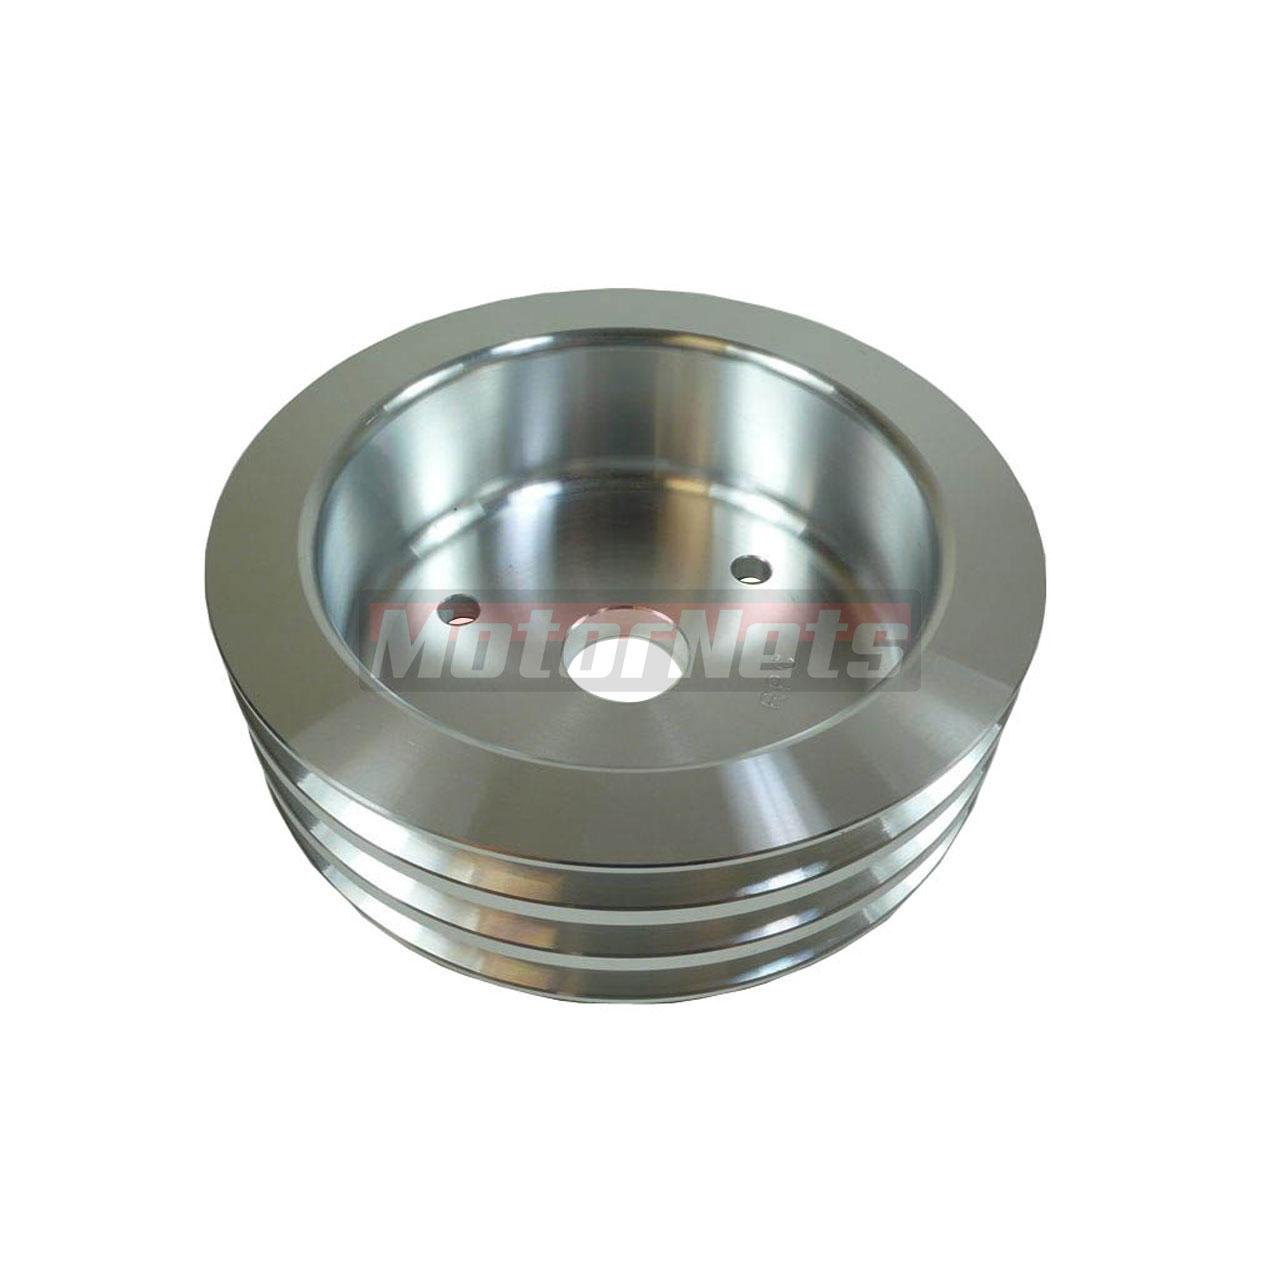 Satin Aluminum Big Block Chevy Crankshaft Pulley 396-454